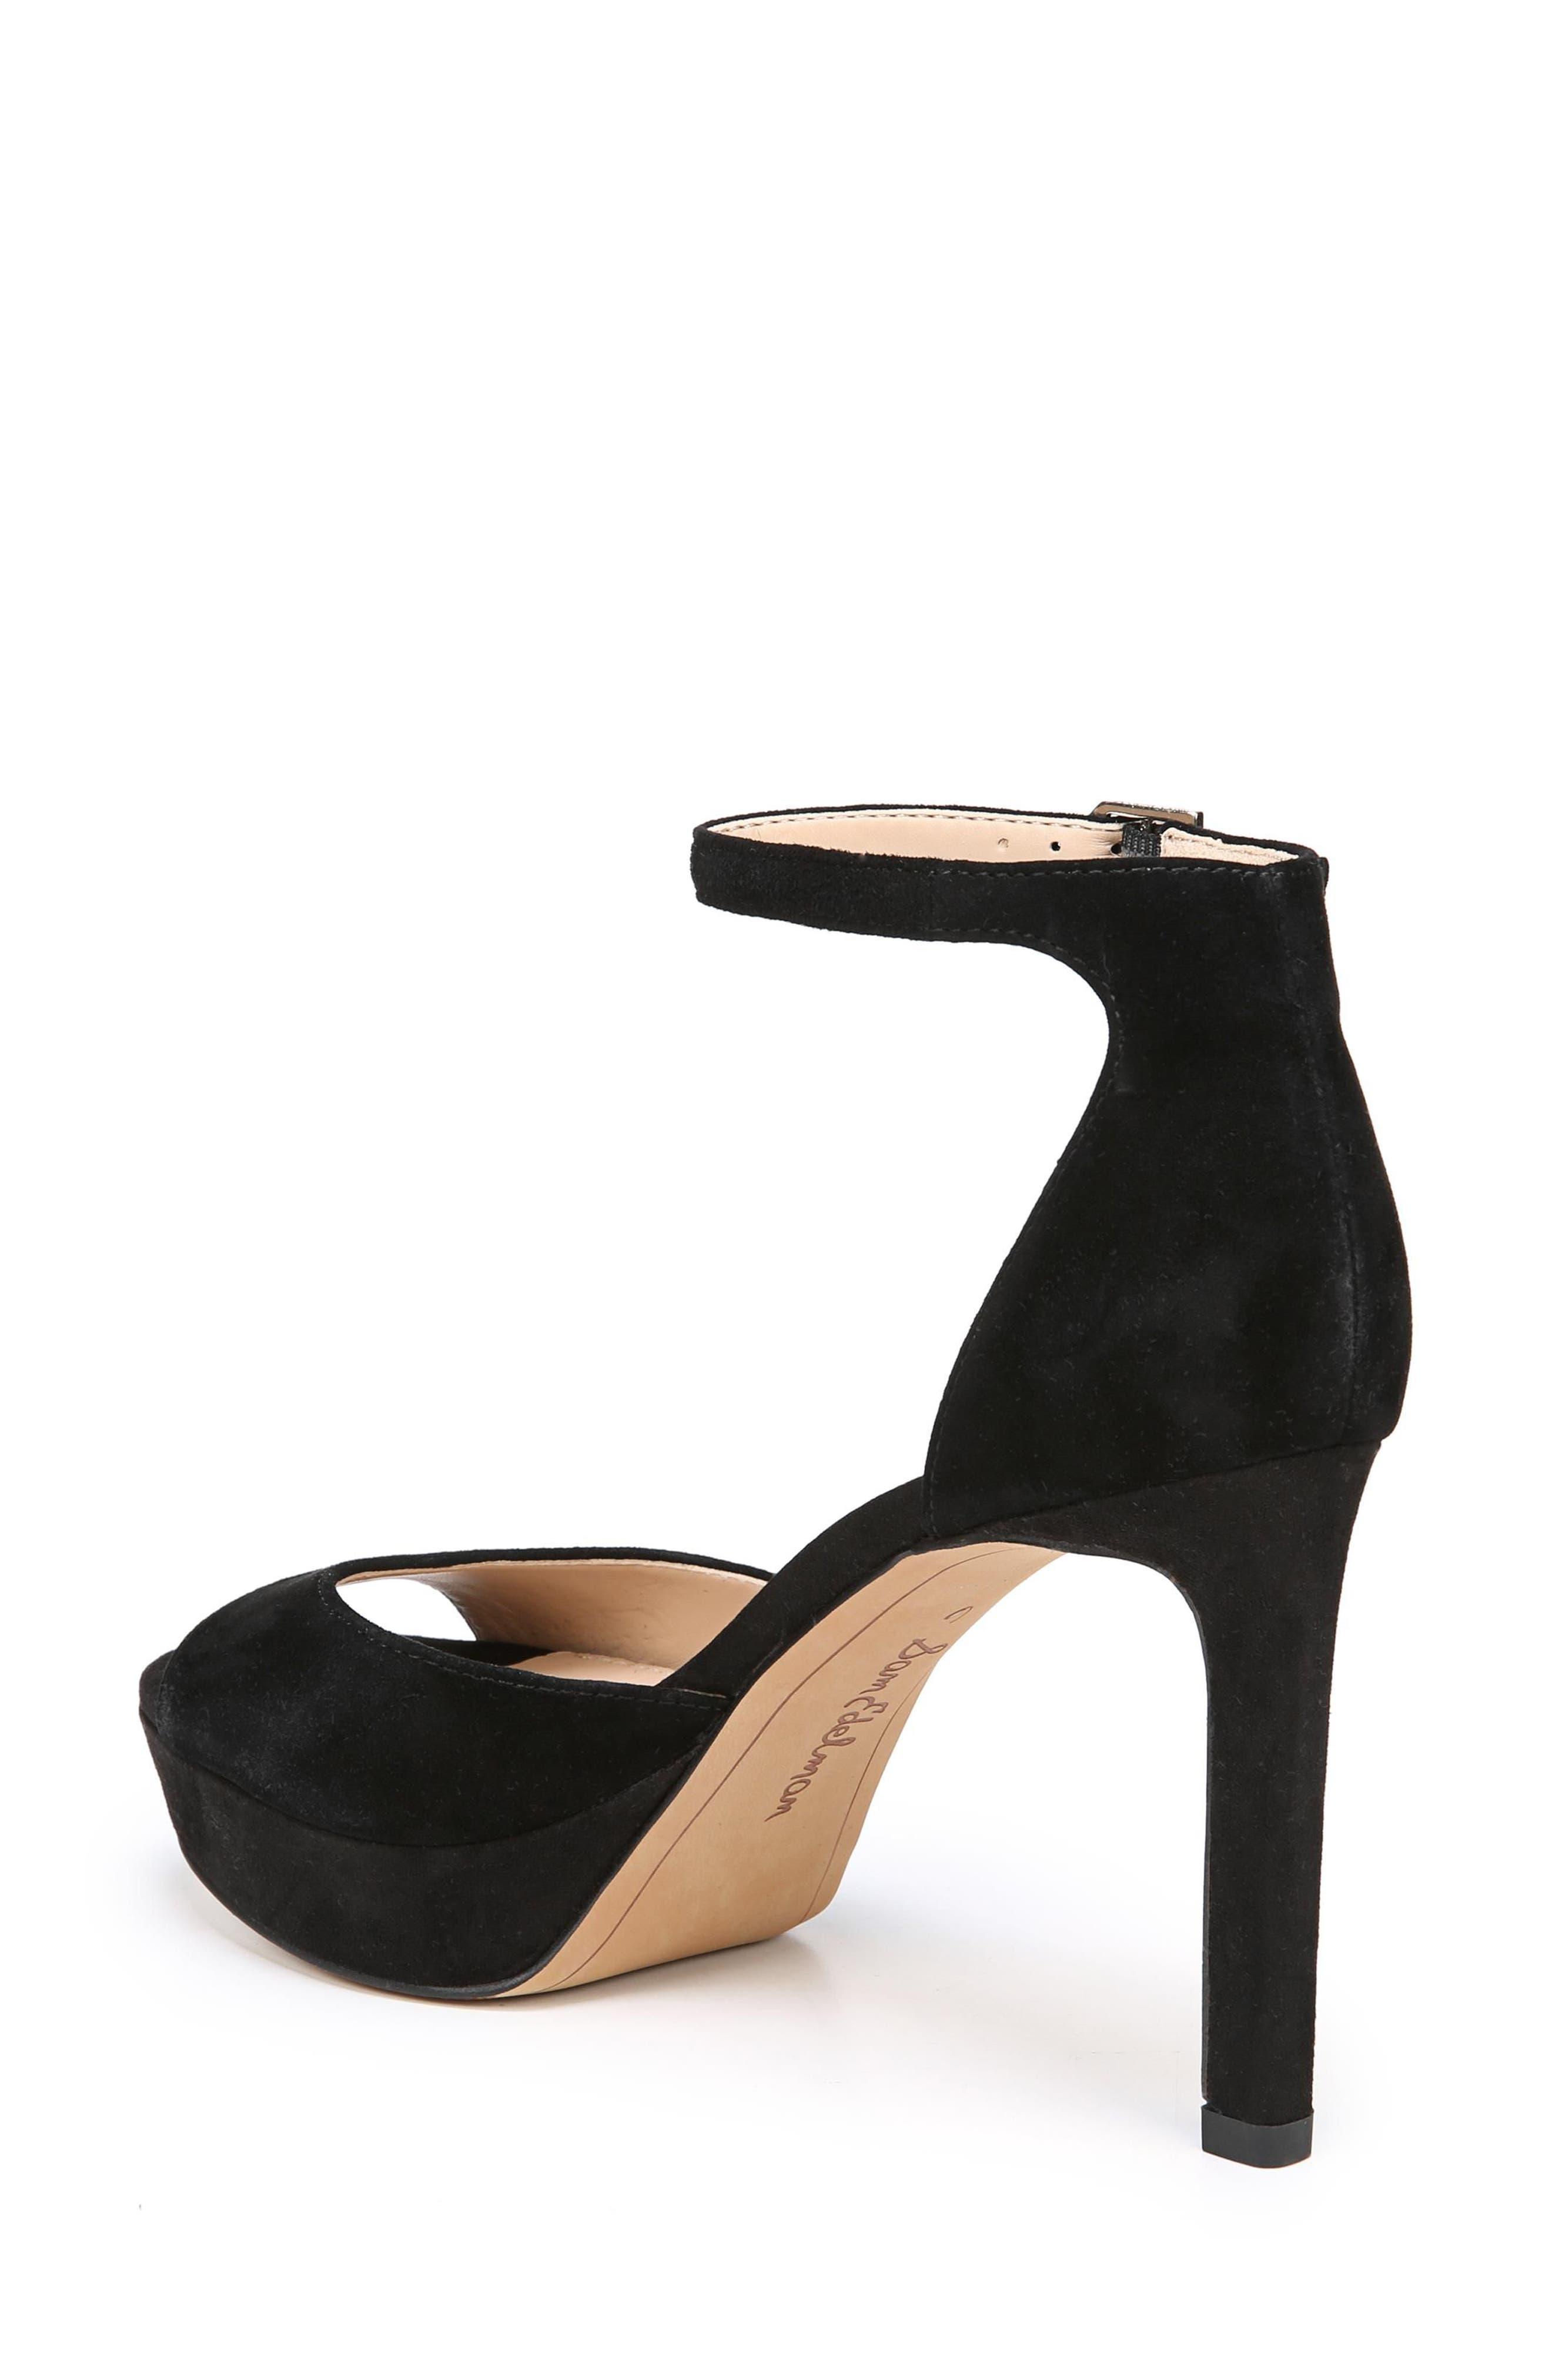 Jerin Platform Sandal,                             Alternate thumbnail 2, color,                             Black Suede